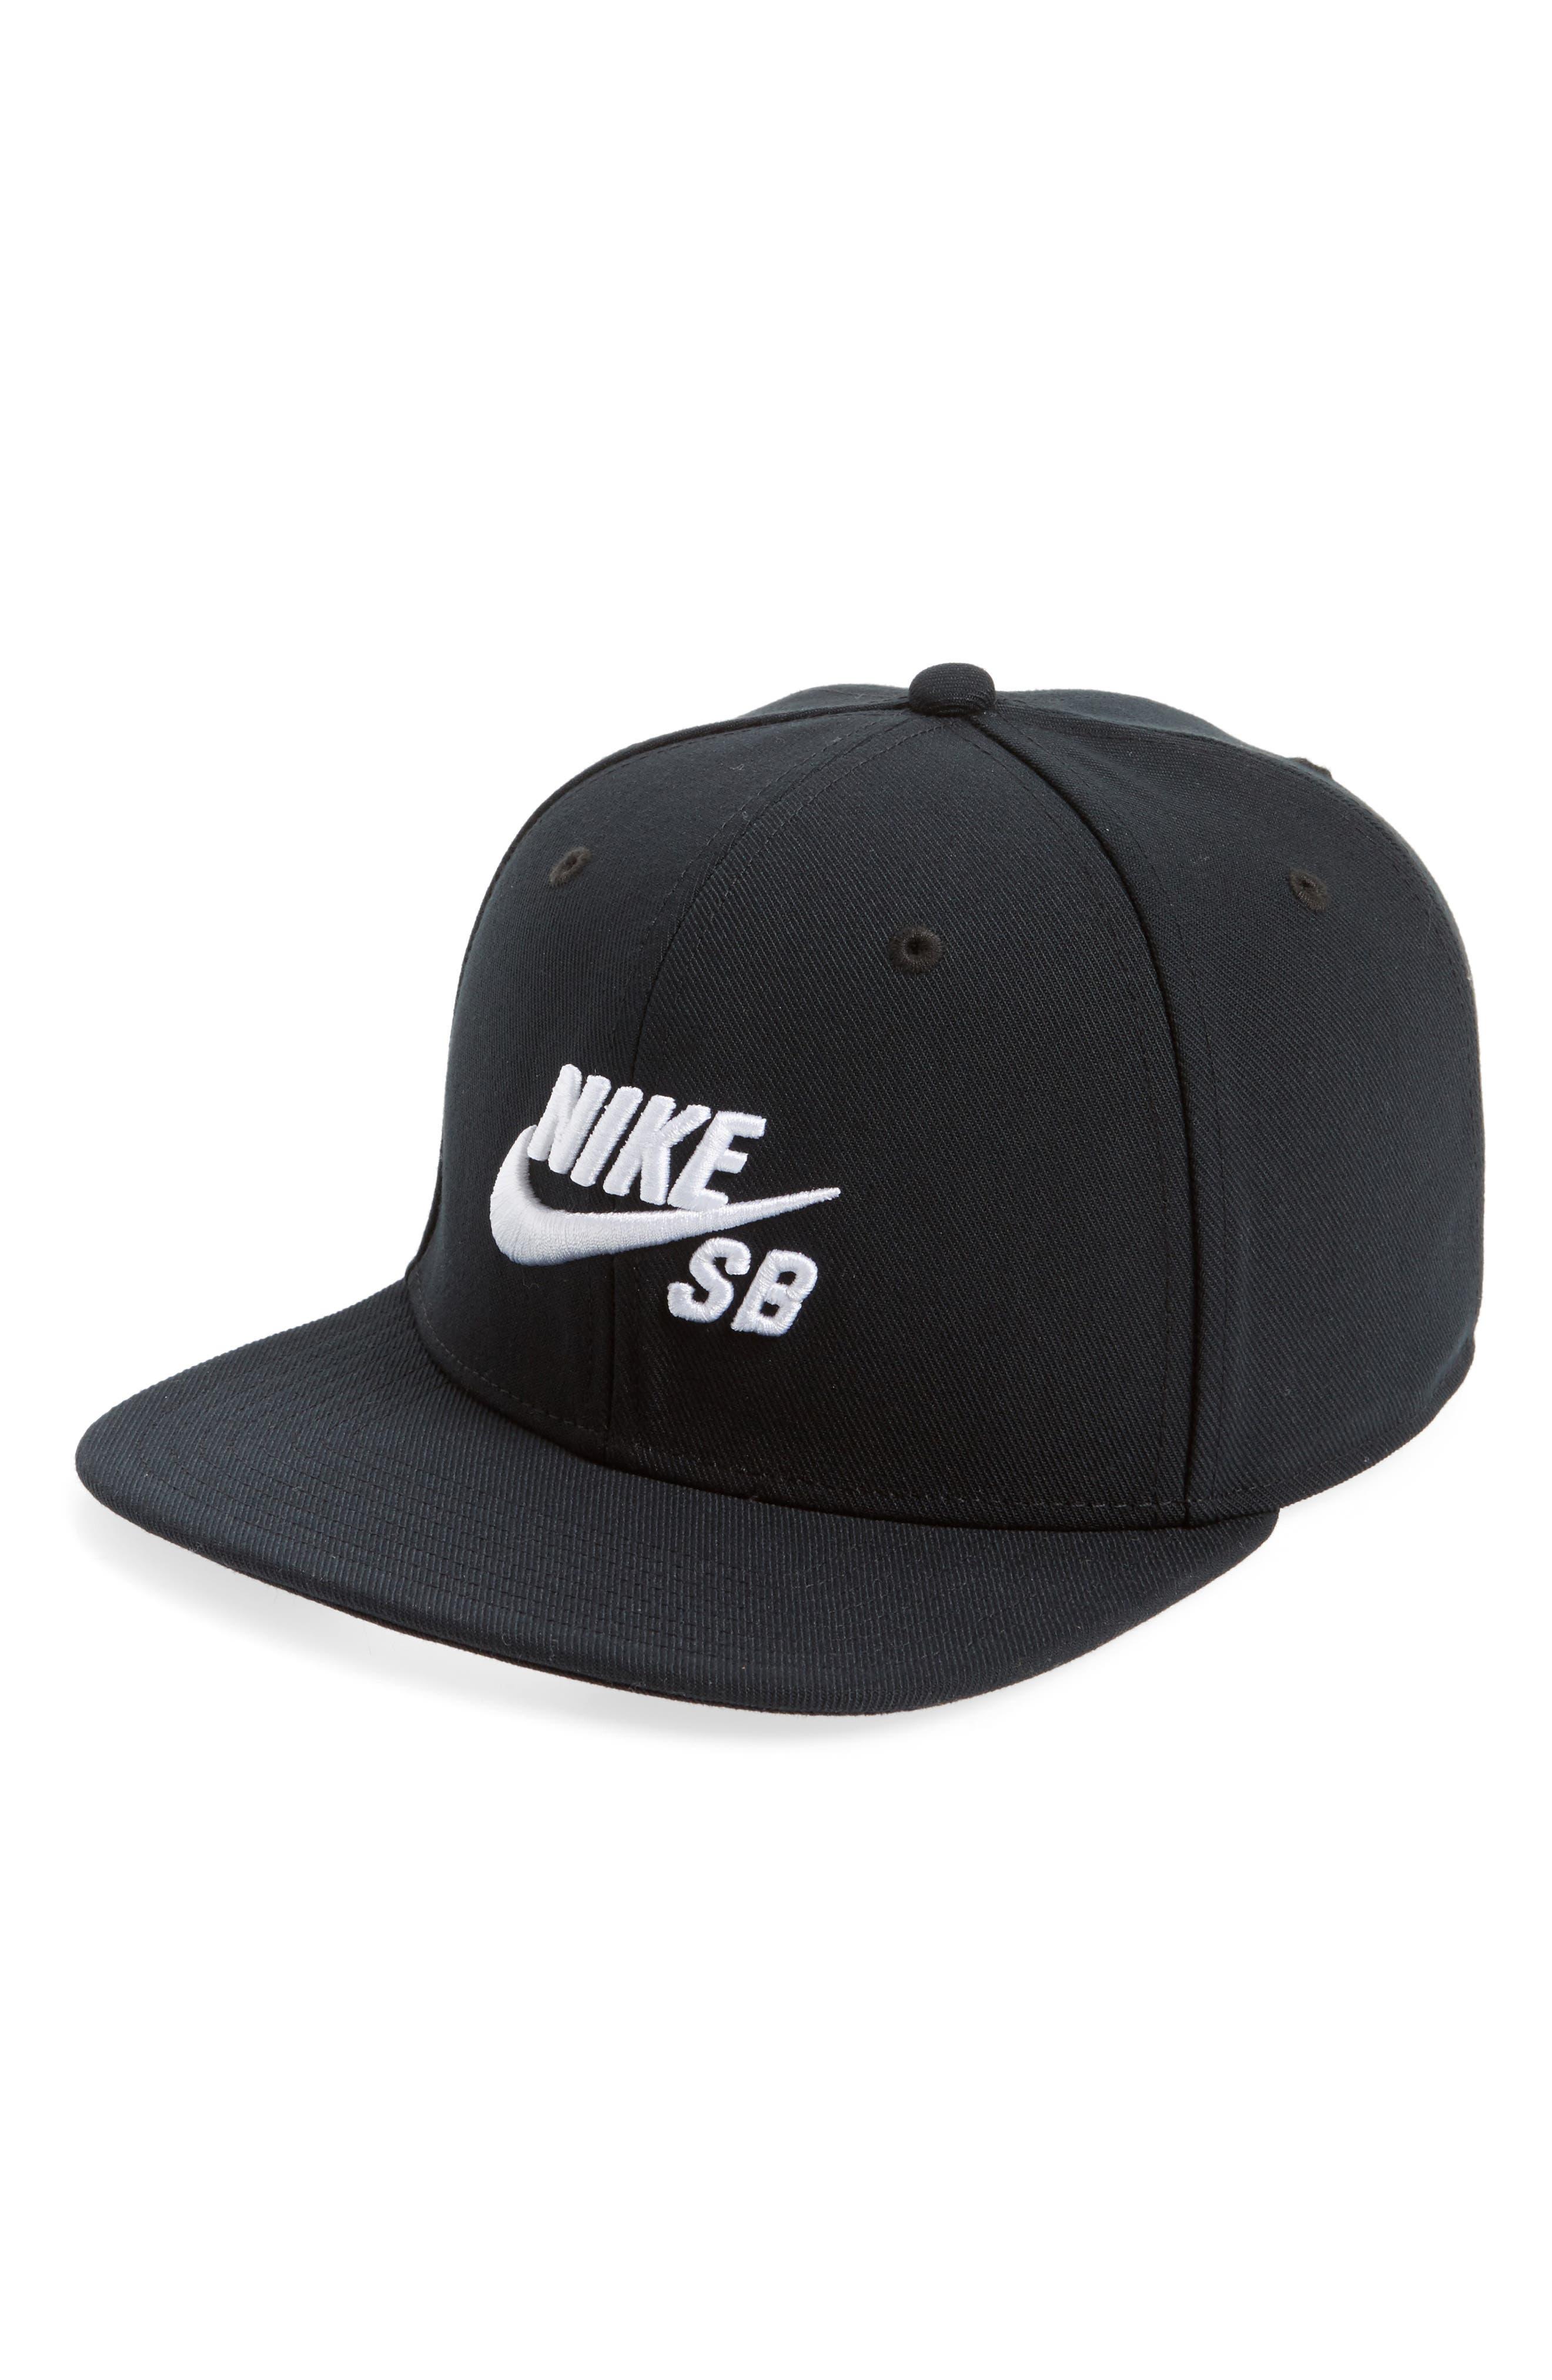 Nike Pro Snapback Baseball Cap,                         Main,                         color, Black/ Black/ Black/ White